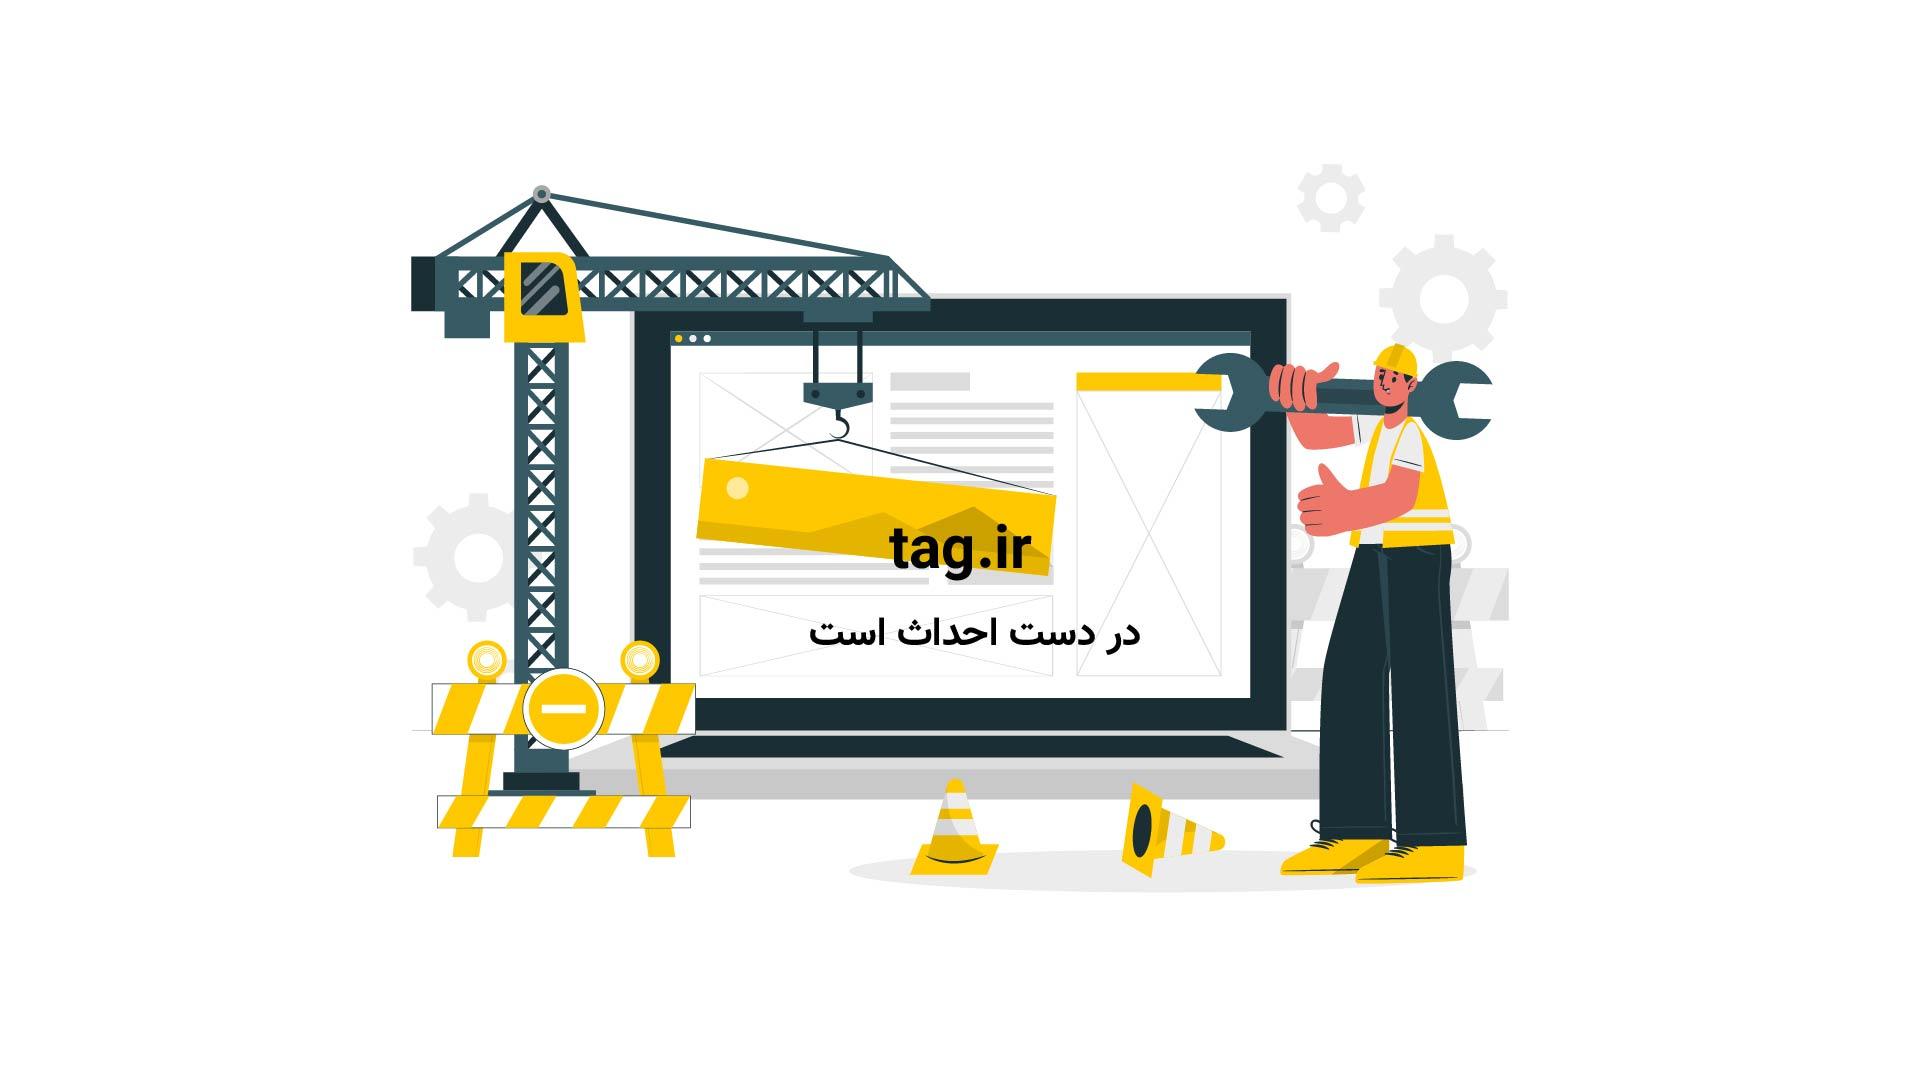 حمله بیرحمانه نهنگهای قاتل به وال بالنی | فیلم